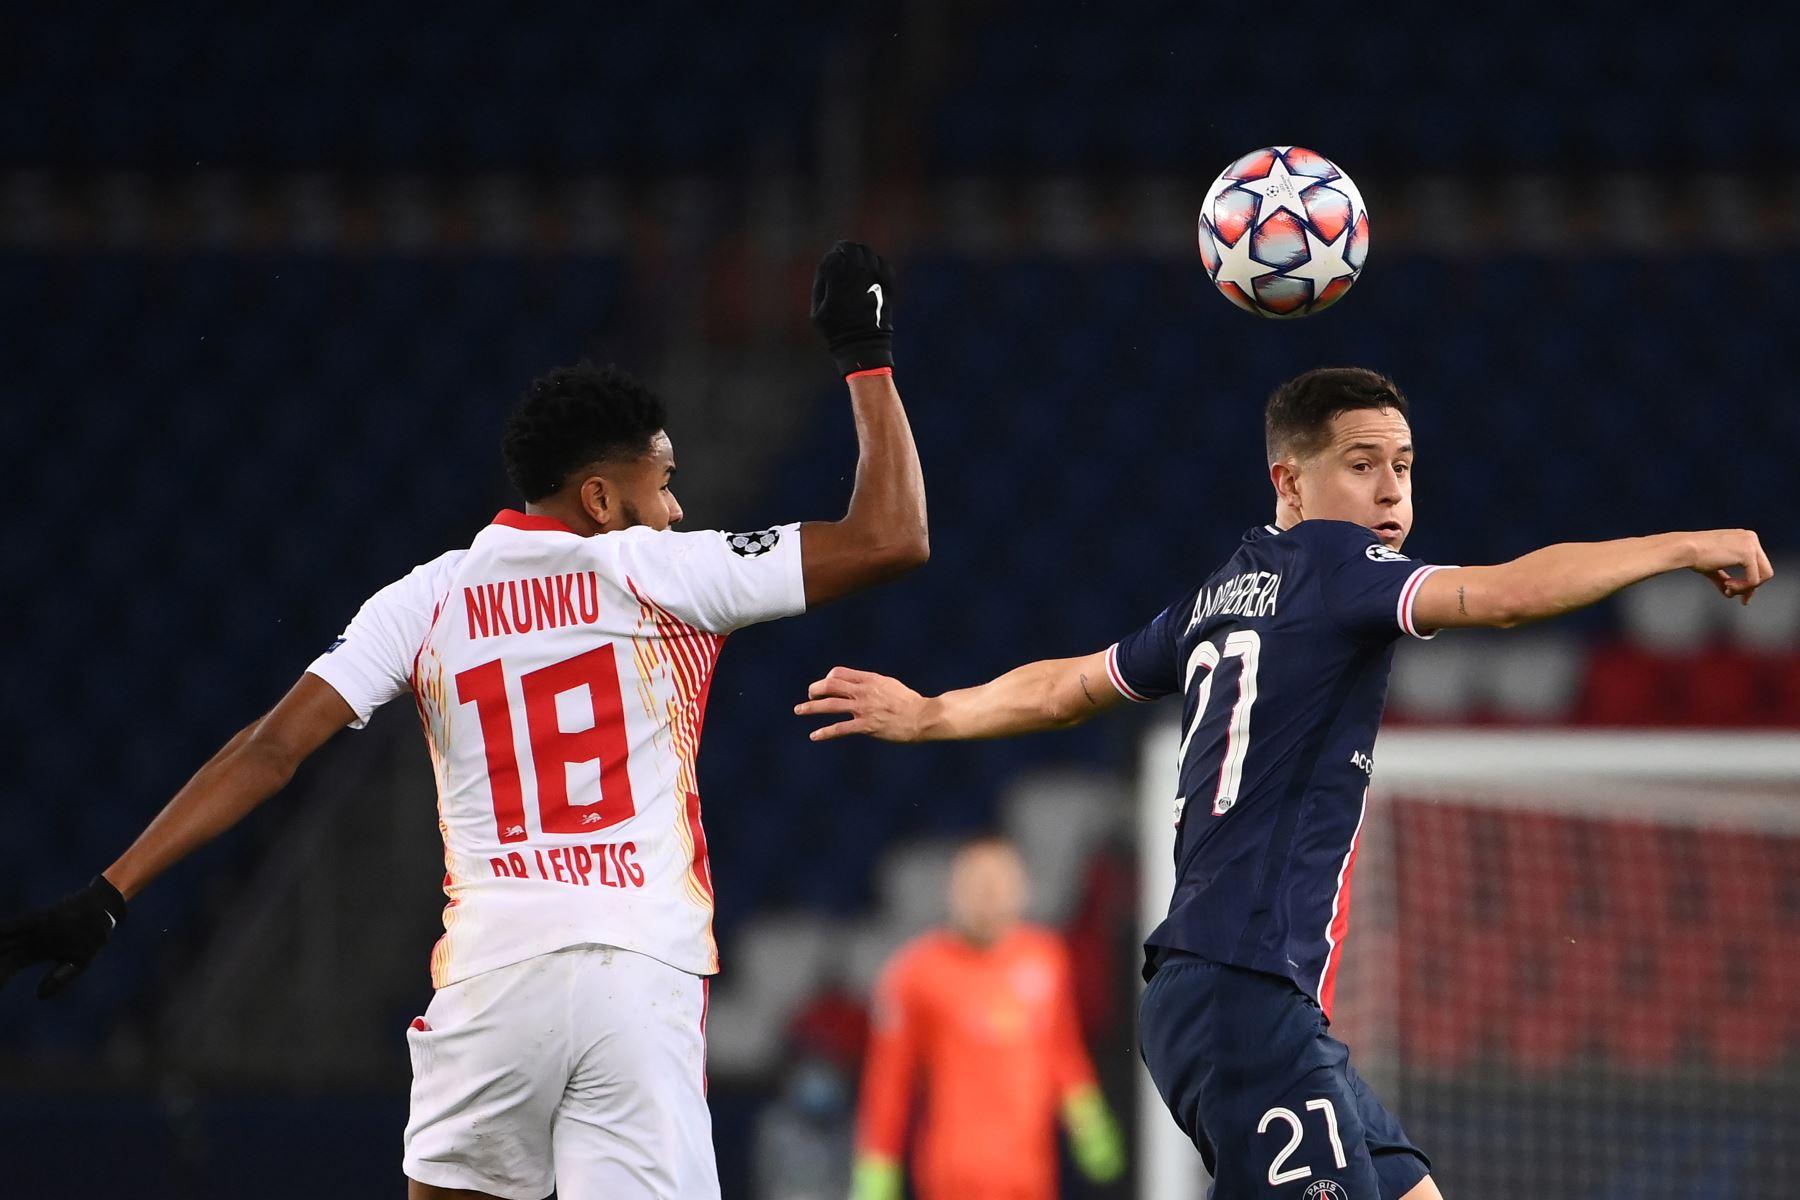 El centrocampista español del Paris Saint-Germain Ander Herrera compite por el balón con el centrocampista francés del Leipzig Christopher Nkunku durante el grupo H de la Liga de Campeones de la UEFA. Foto: AFP